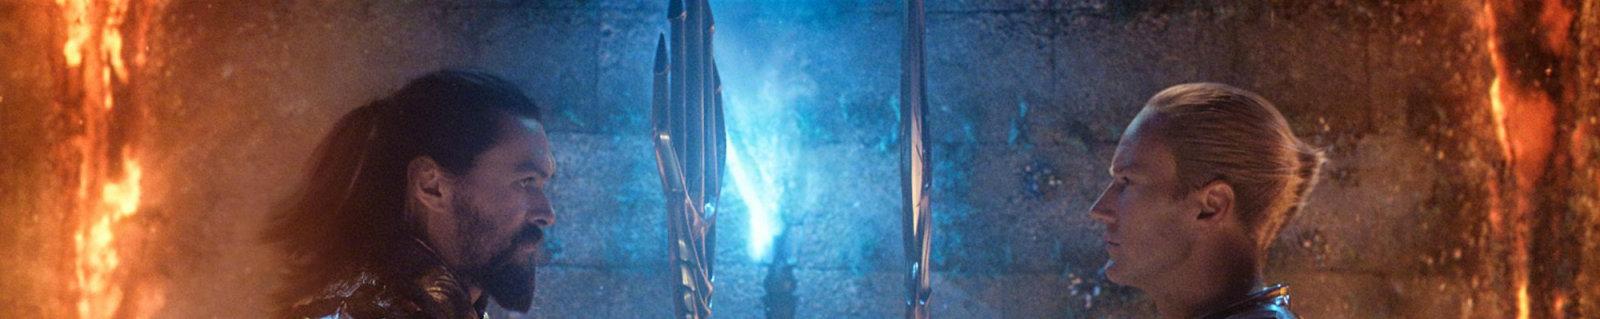 华纳兄弟影业在NYCC上公布《海王》全新5分钟预告